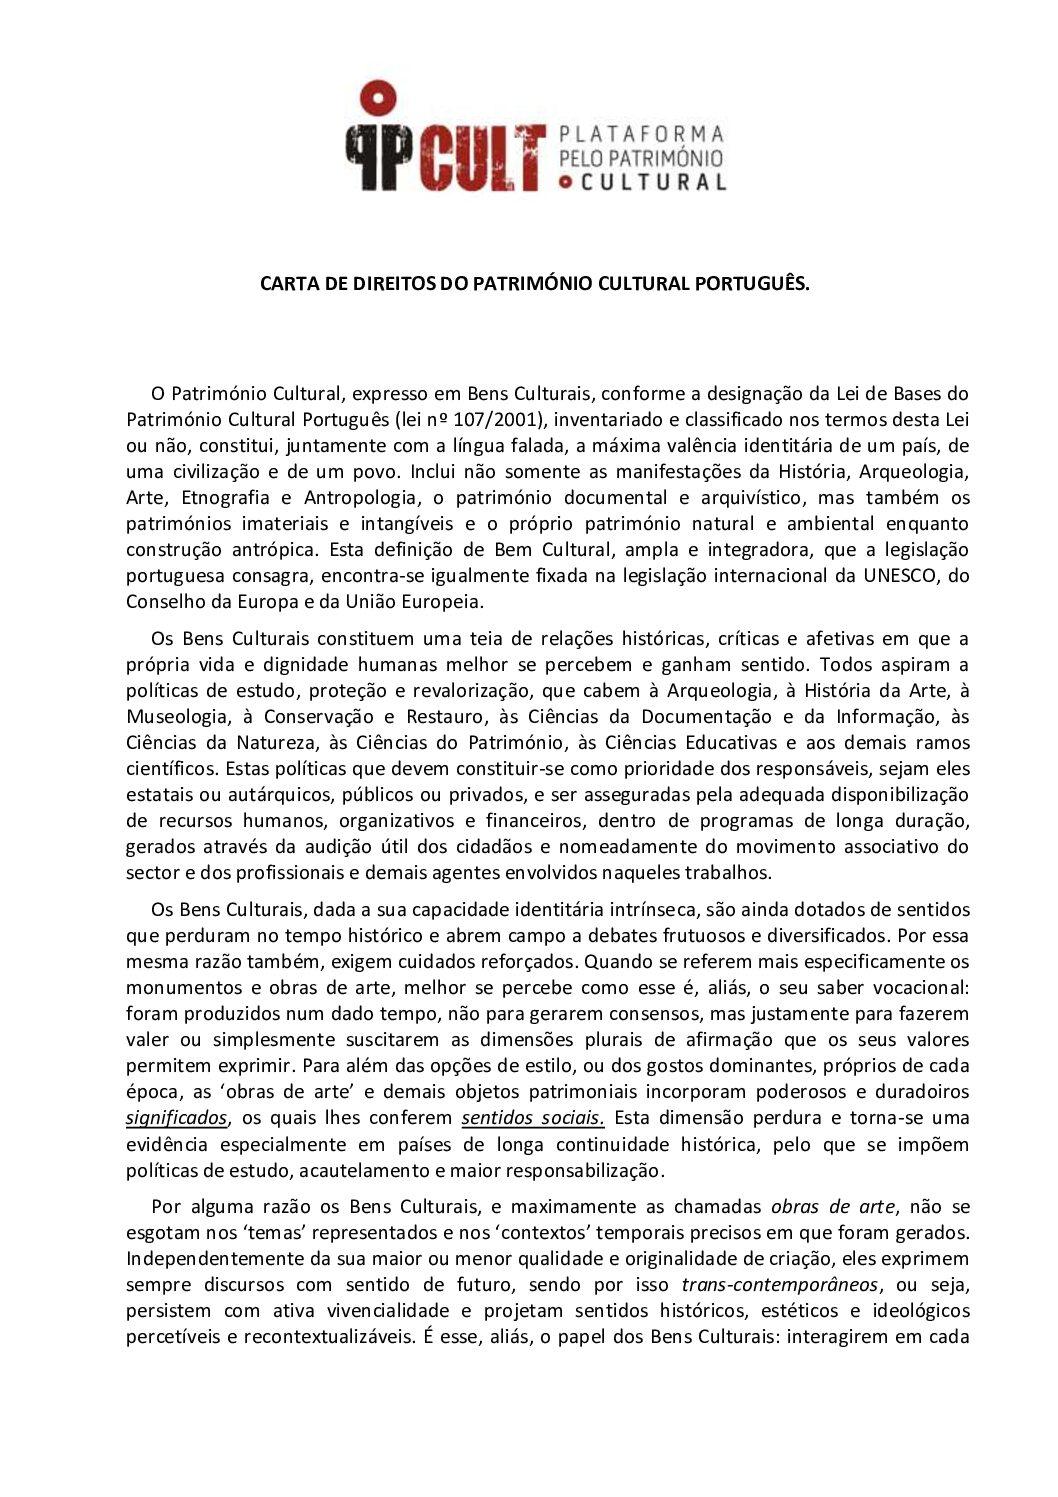 Carta de Direitos do Património Cultural Português